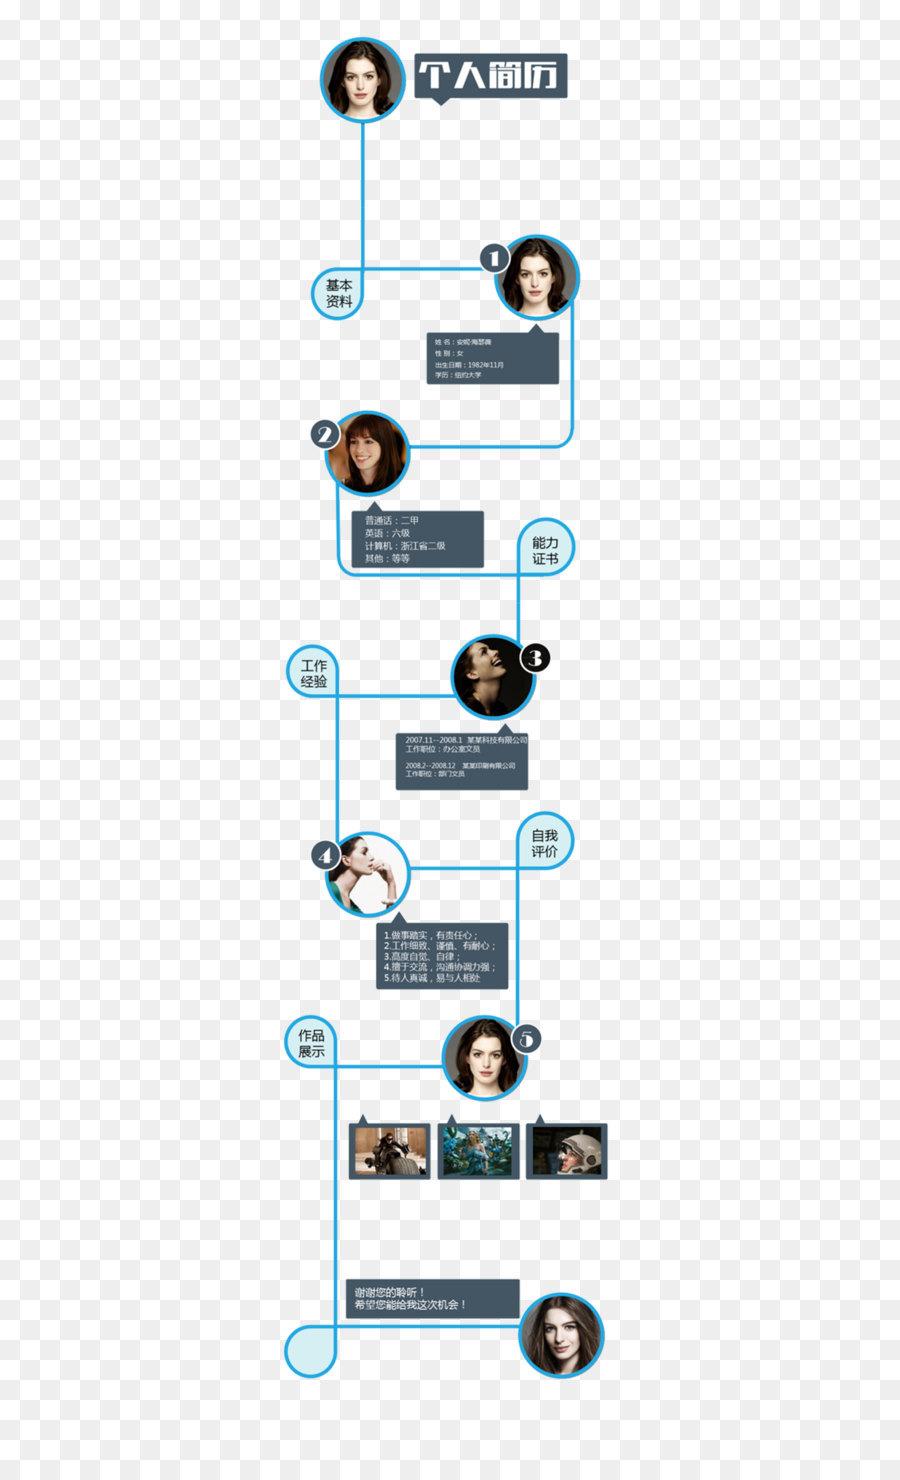 Curriculum vitae Resumen de Descarga - Resume el contenido de la ...